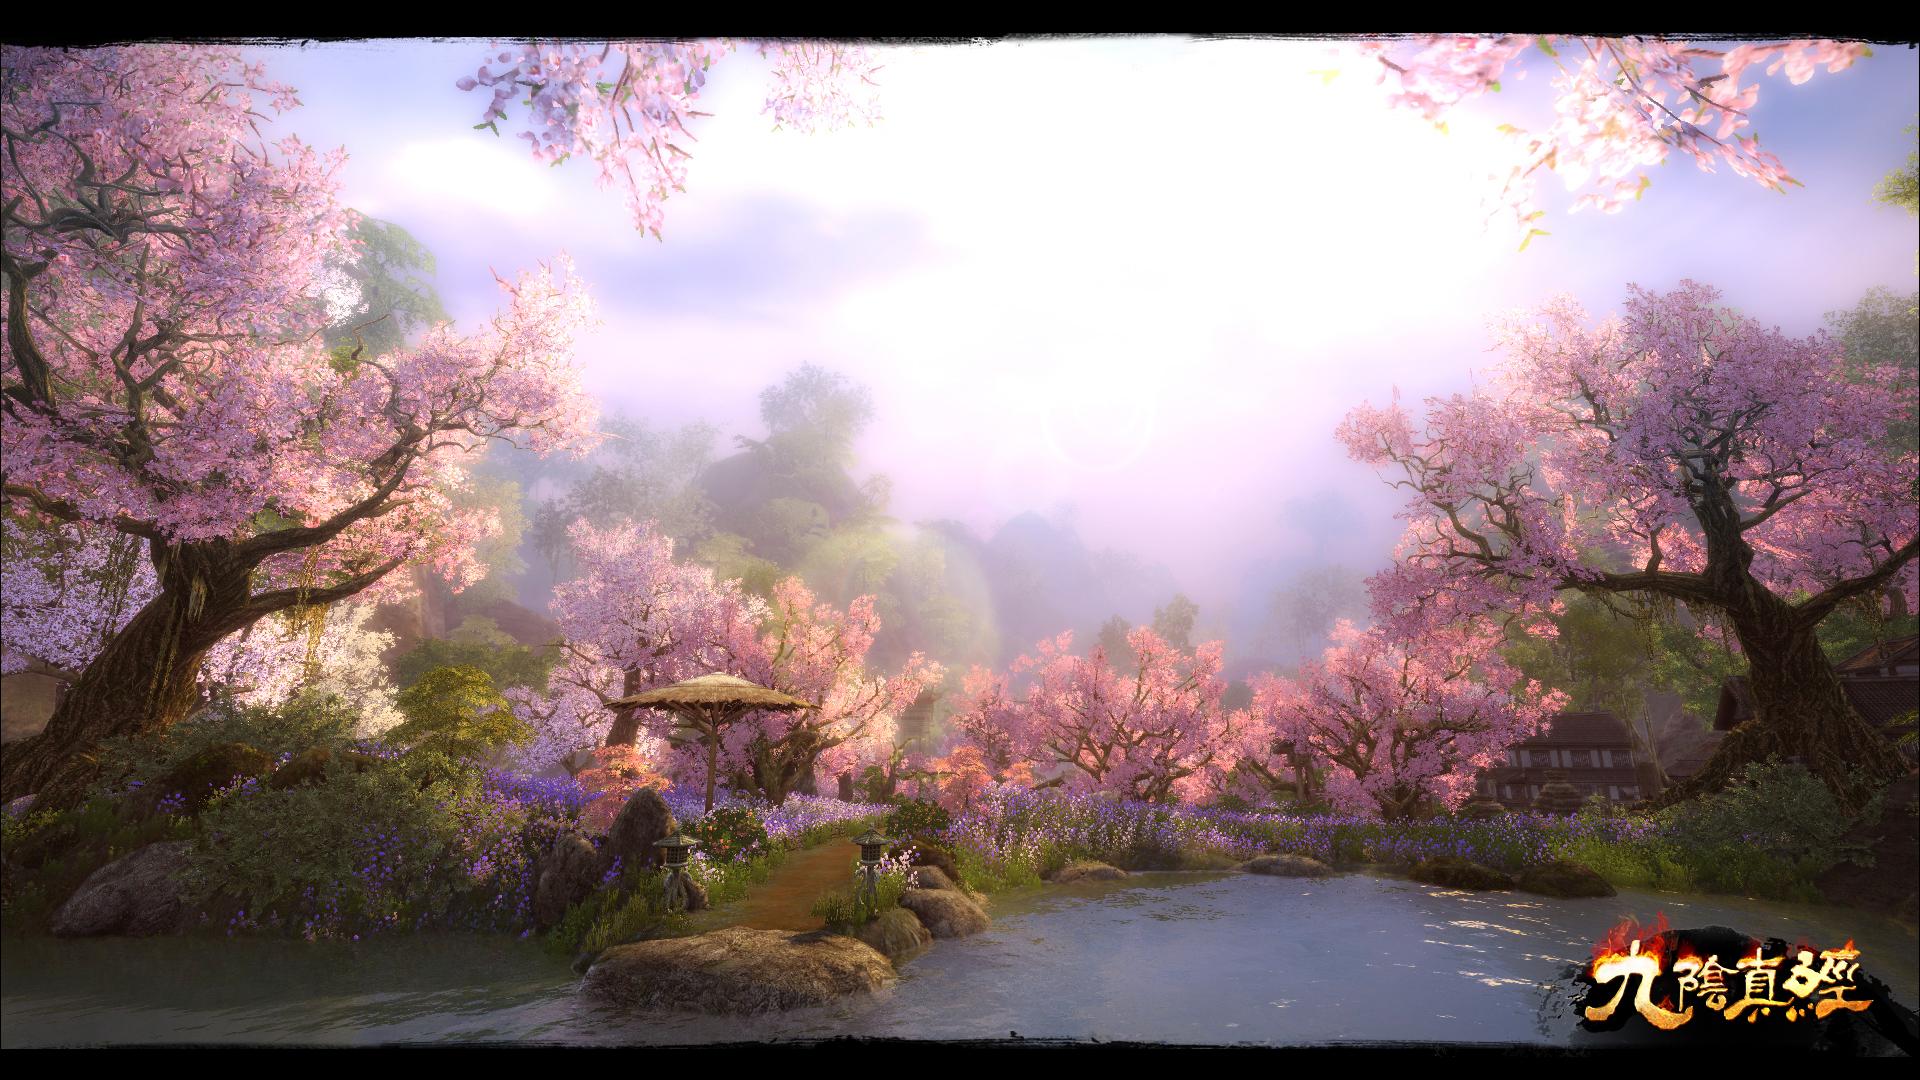 桃花岛风景